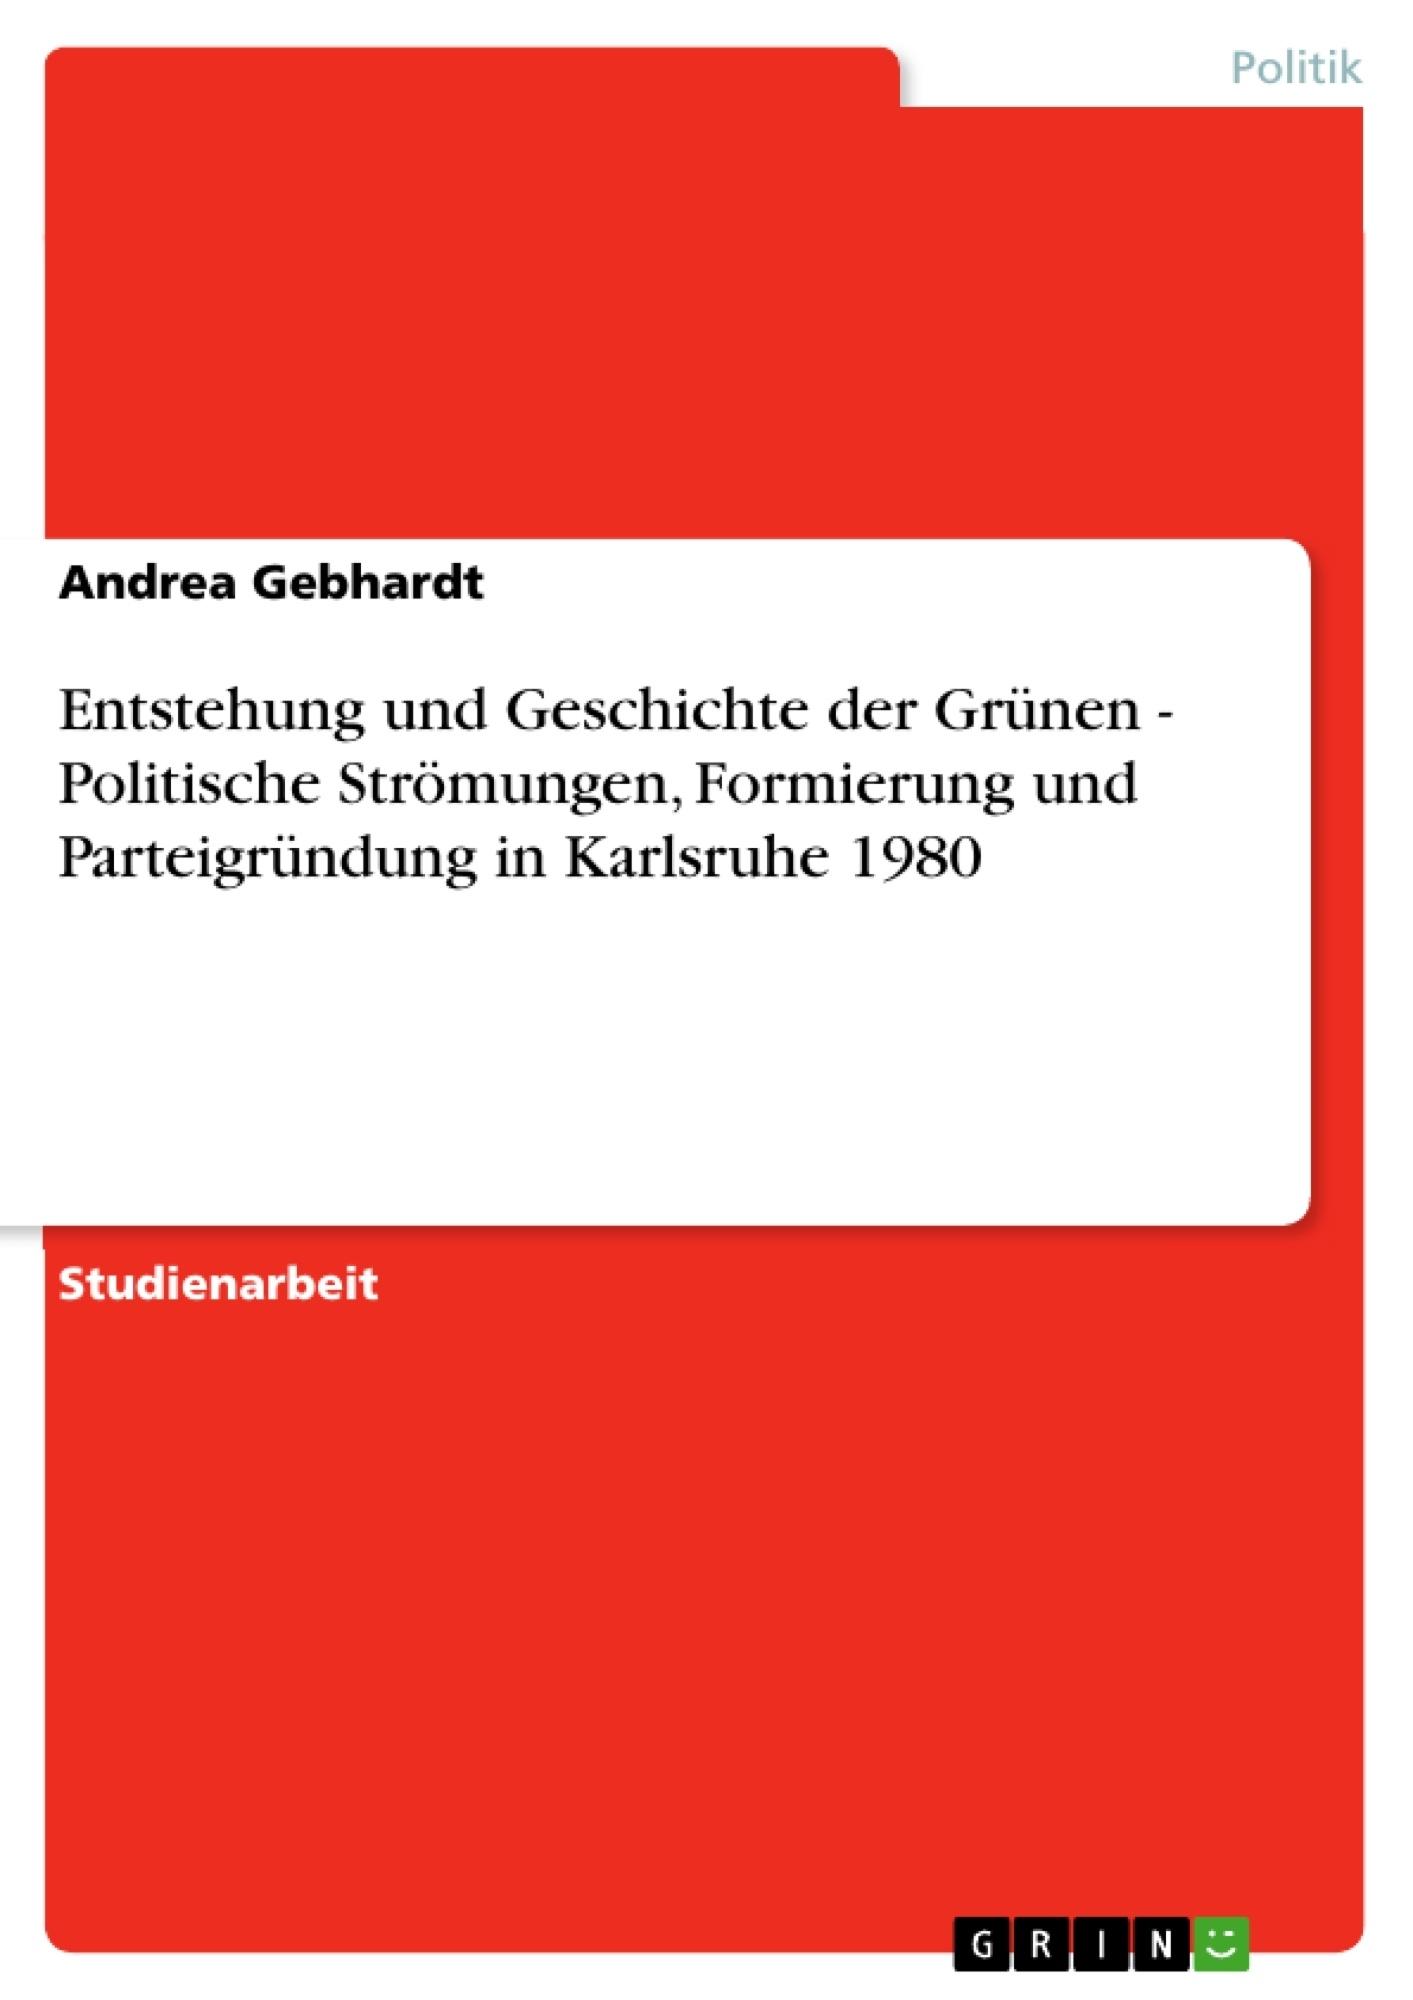 Titel: Entstehung und Geschichte der Grünen - Politische Strömungen, Formierung und Parteigründung in Karlsruhe 1980